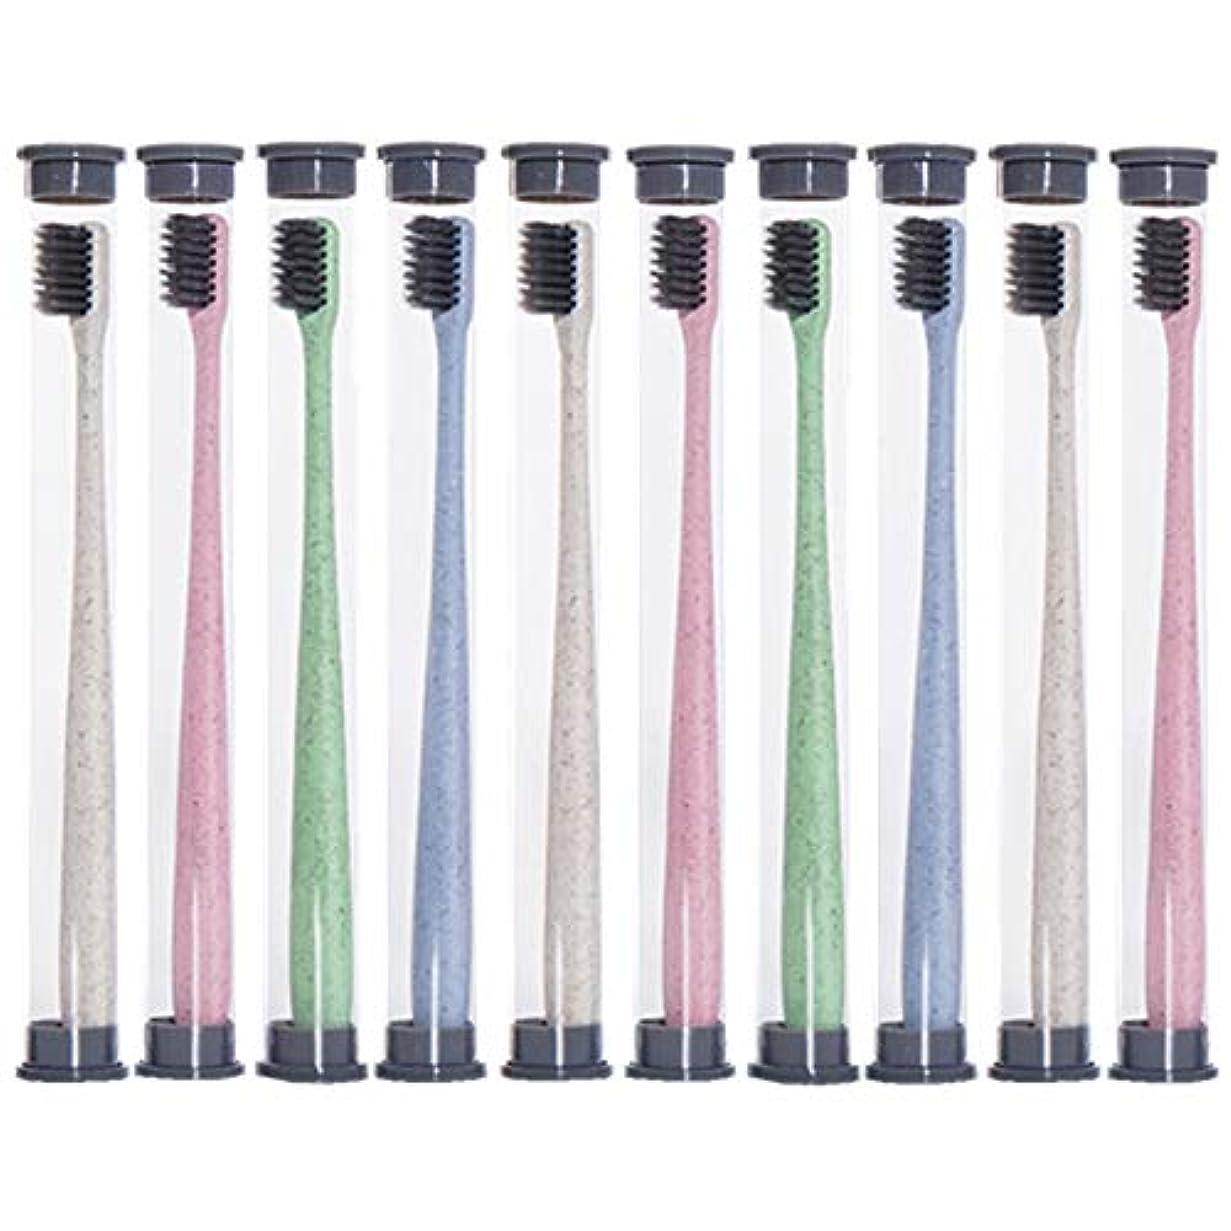 フォーマット威する置換歯ブラシ 麦わら歯ブラシ、旅行携帯用歯ブラシ、ミディアムブラシヘッドソフト歯ブラシ - 10パック KHL (色 : 10 packs)